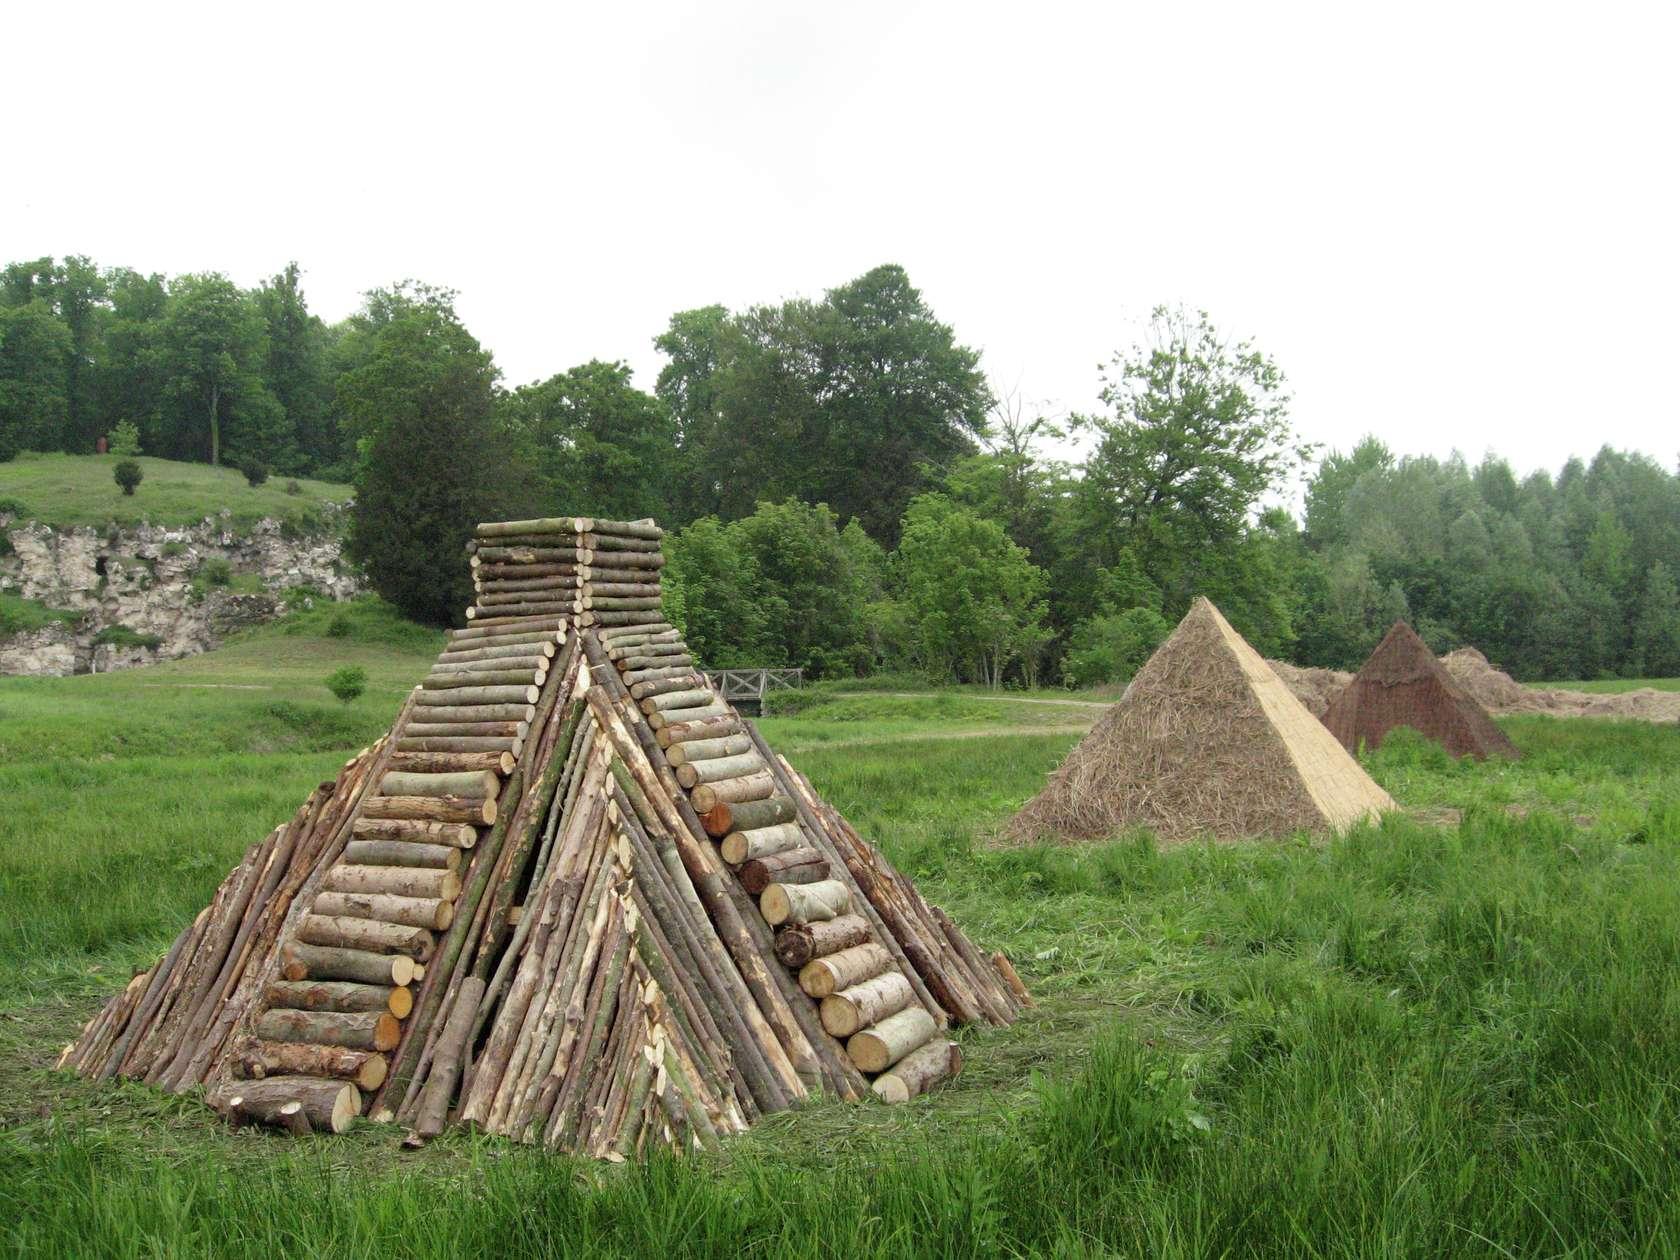 Laurent Le Deunff, Pyramides, 2011 Bois, bûches, bambou, bruyère, paille et tôle300 × 250 × 300 cm / 118 1/8 × 98 3/8 × 118 1/8 in. (chaque/each)